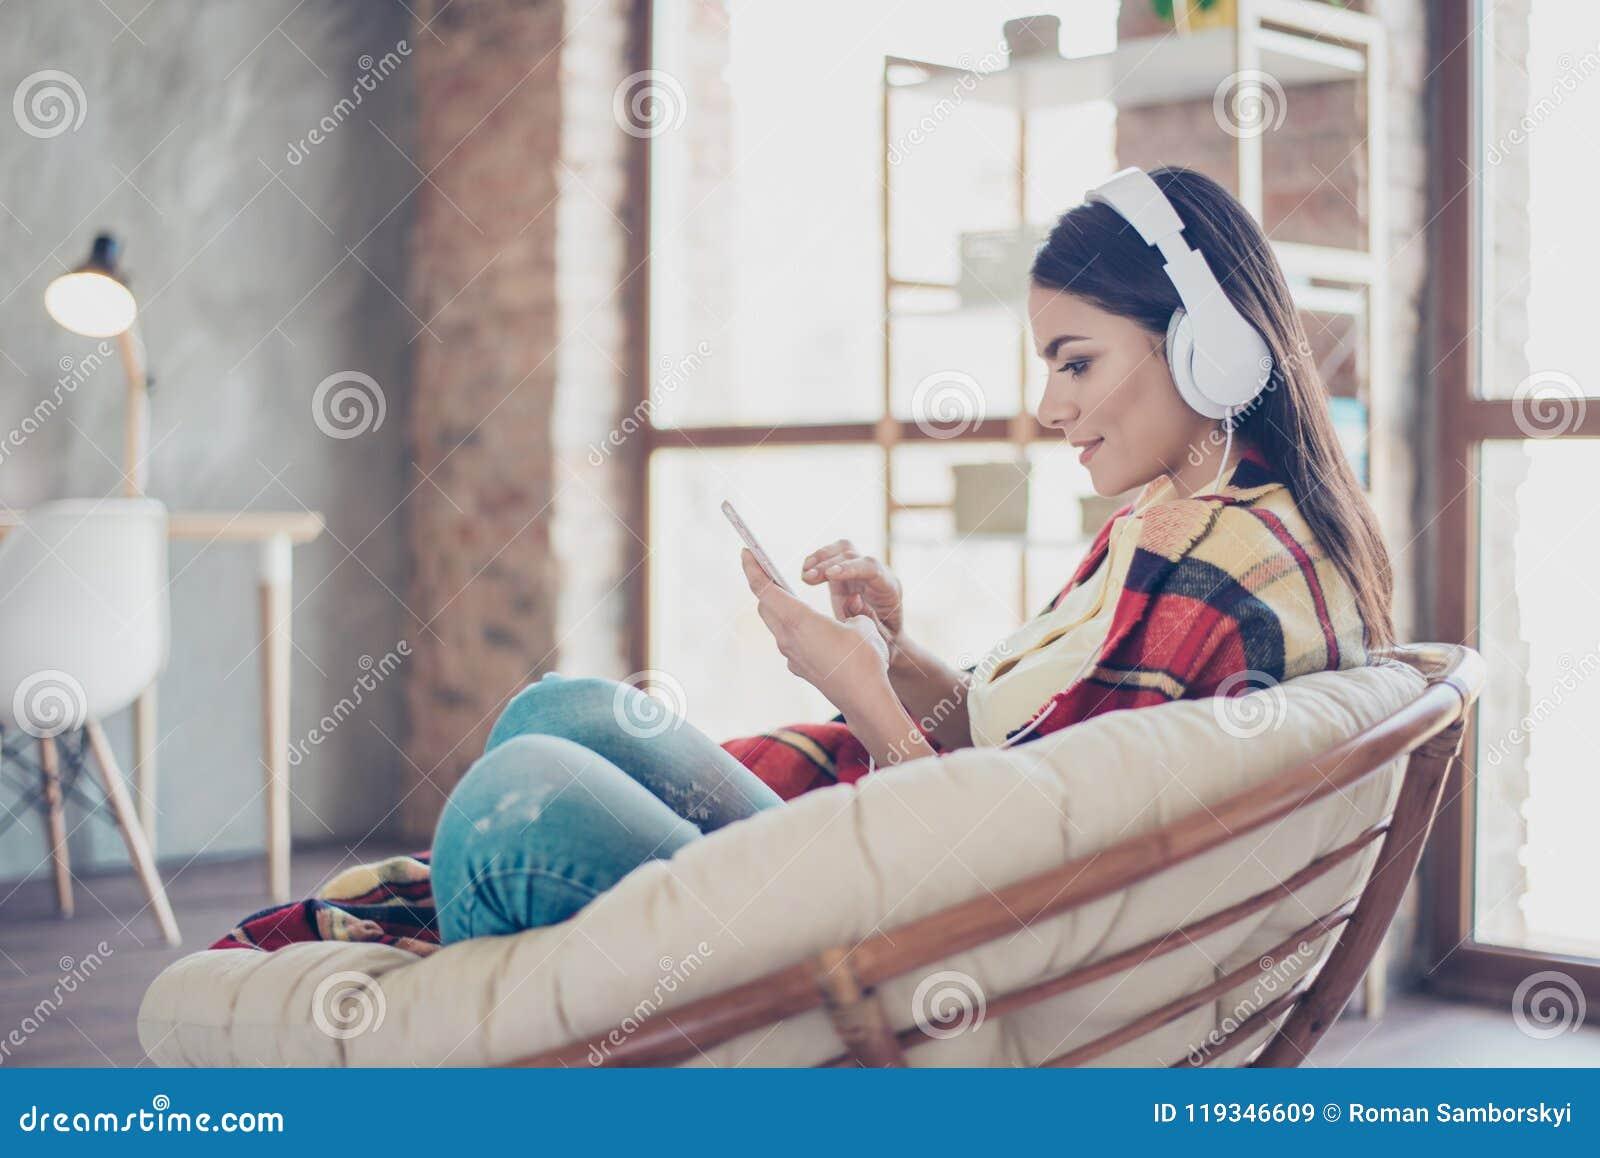 Portret piękny szczęśliwy łaciński dziewczyny obsiadanie w eleganckim armcha